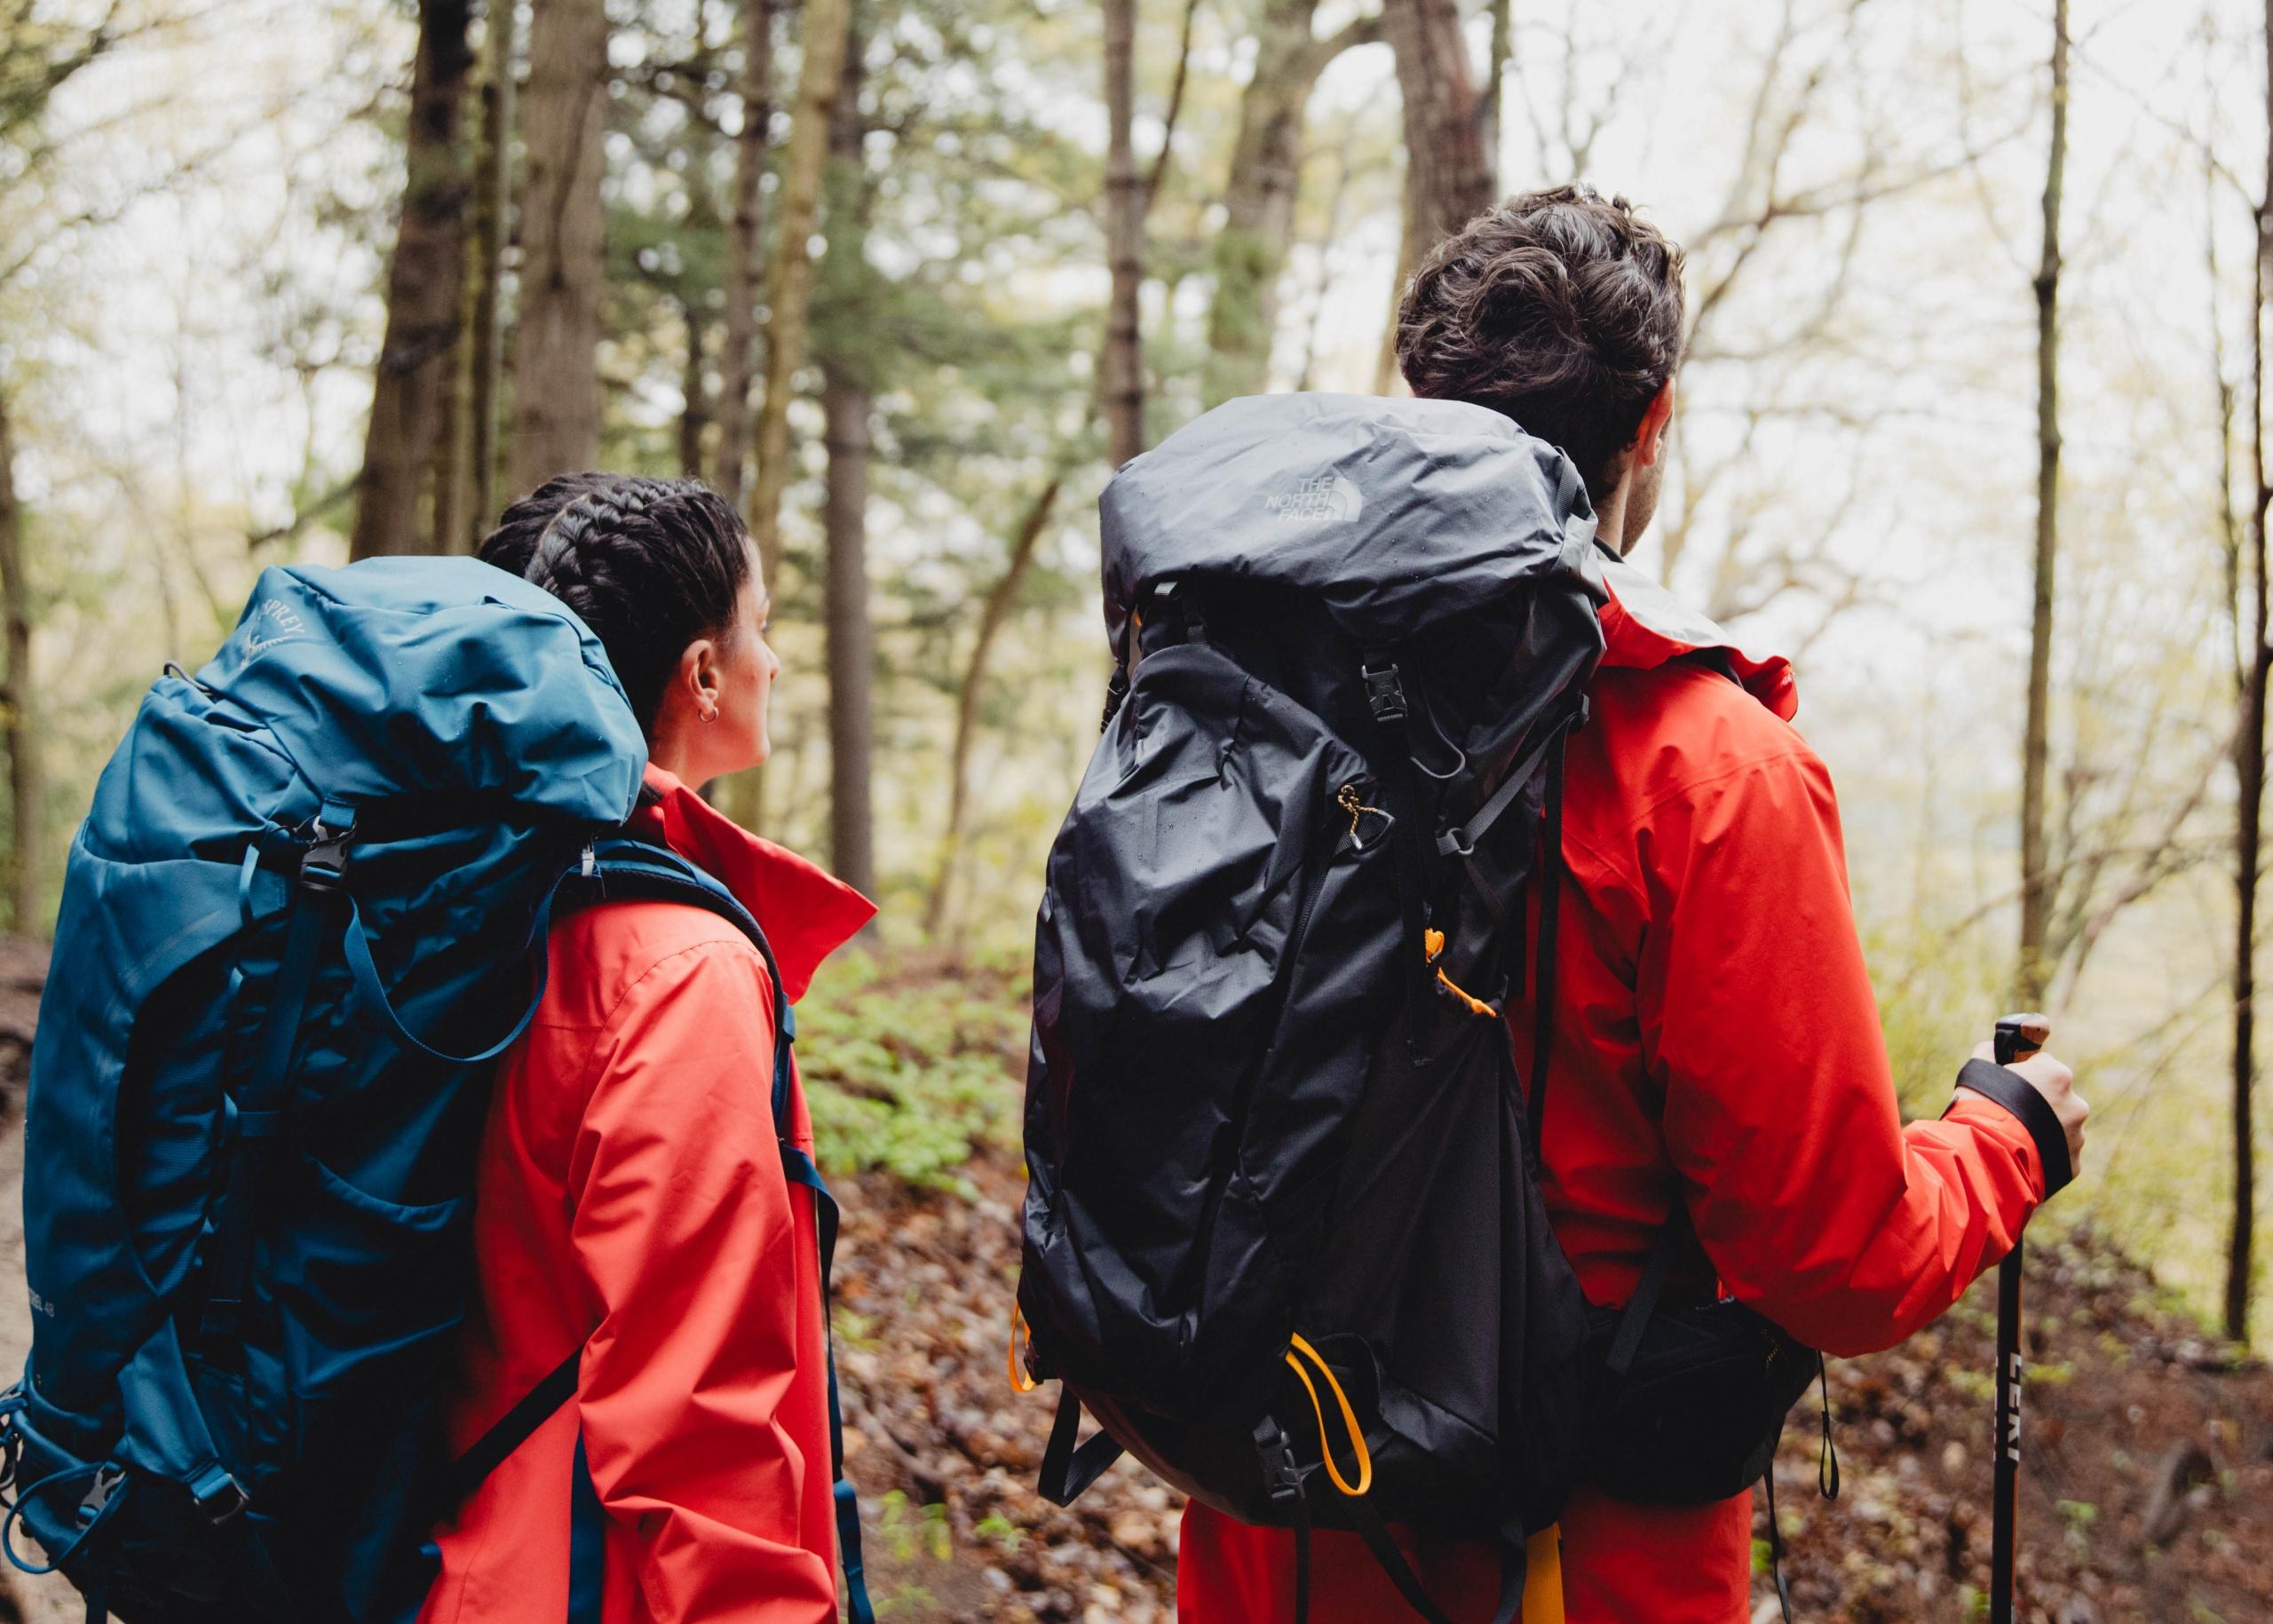 Explorez la nature en tout confort